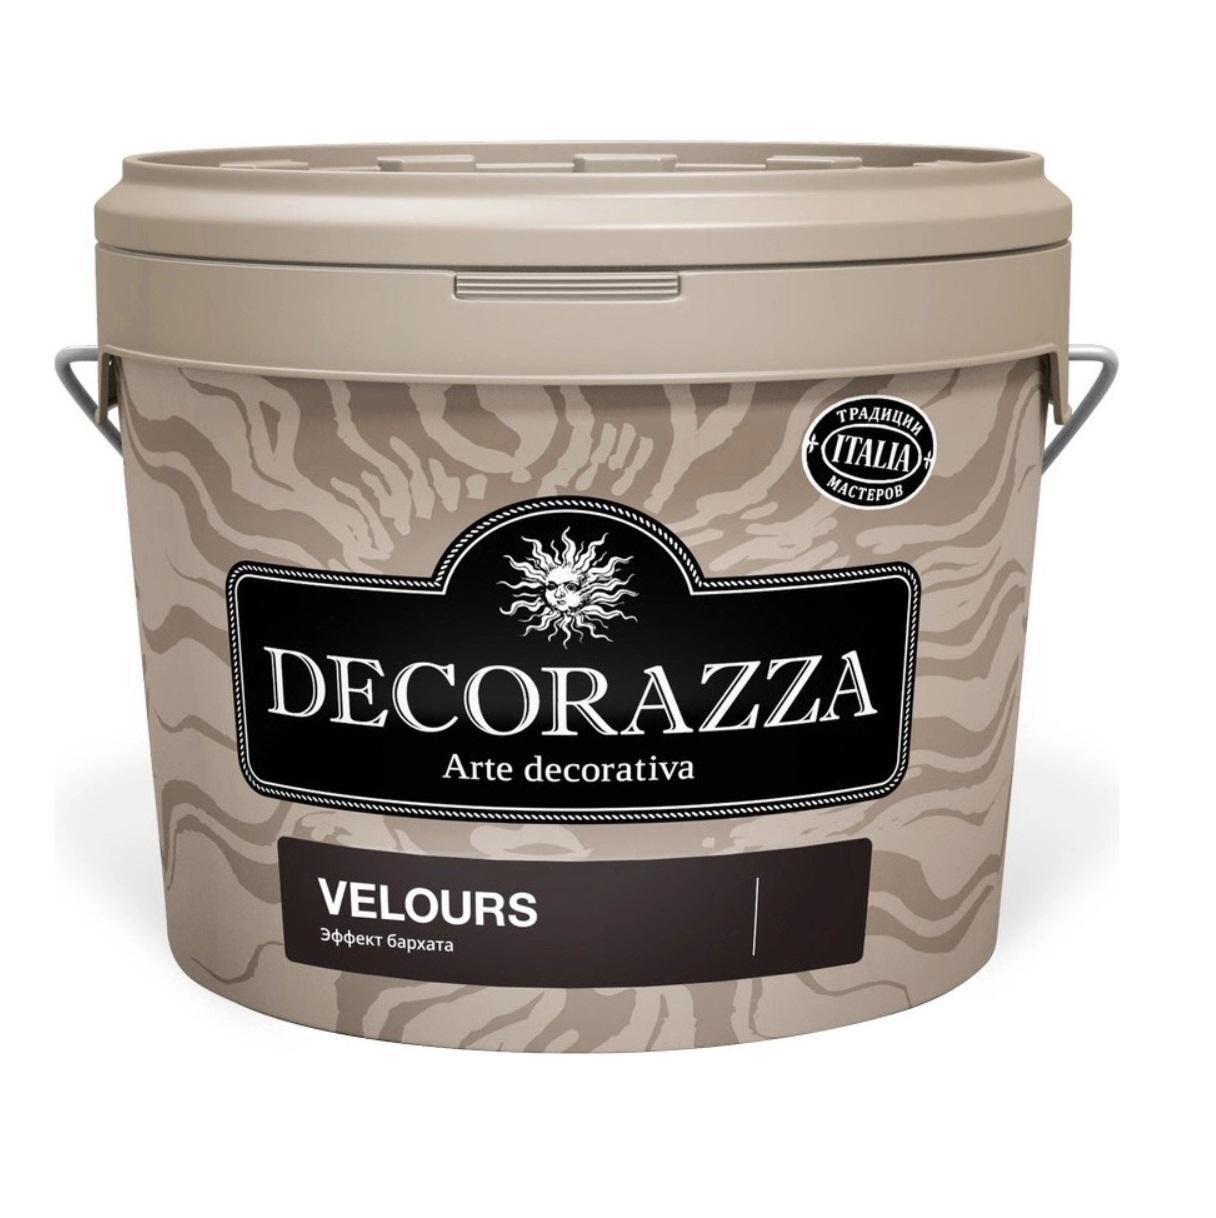 Покрытие декоративное с эффектом бархата Decorazza dz velours vl 001. 6